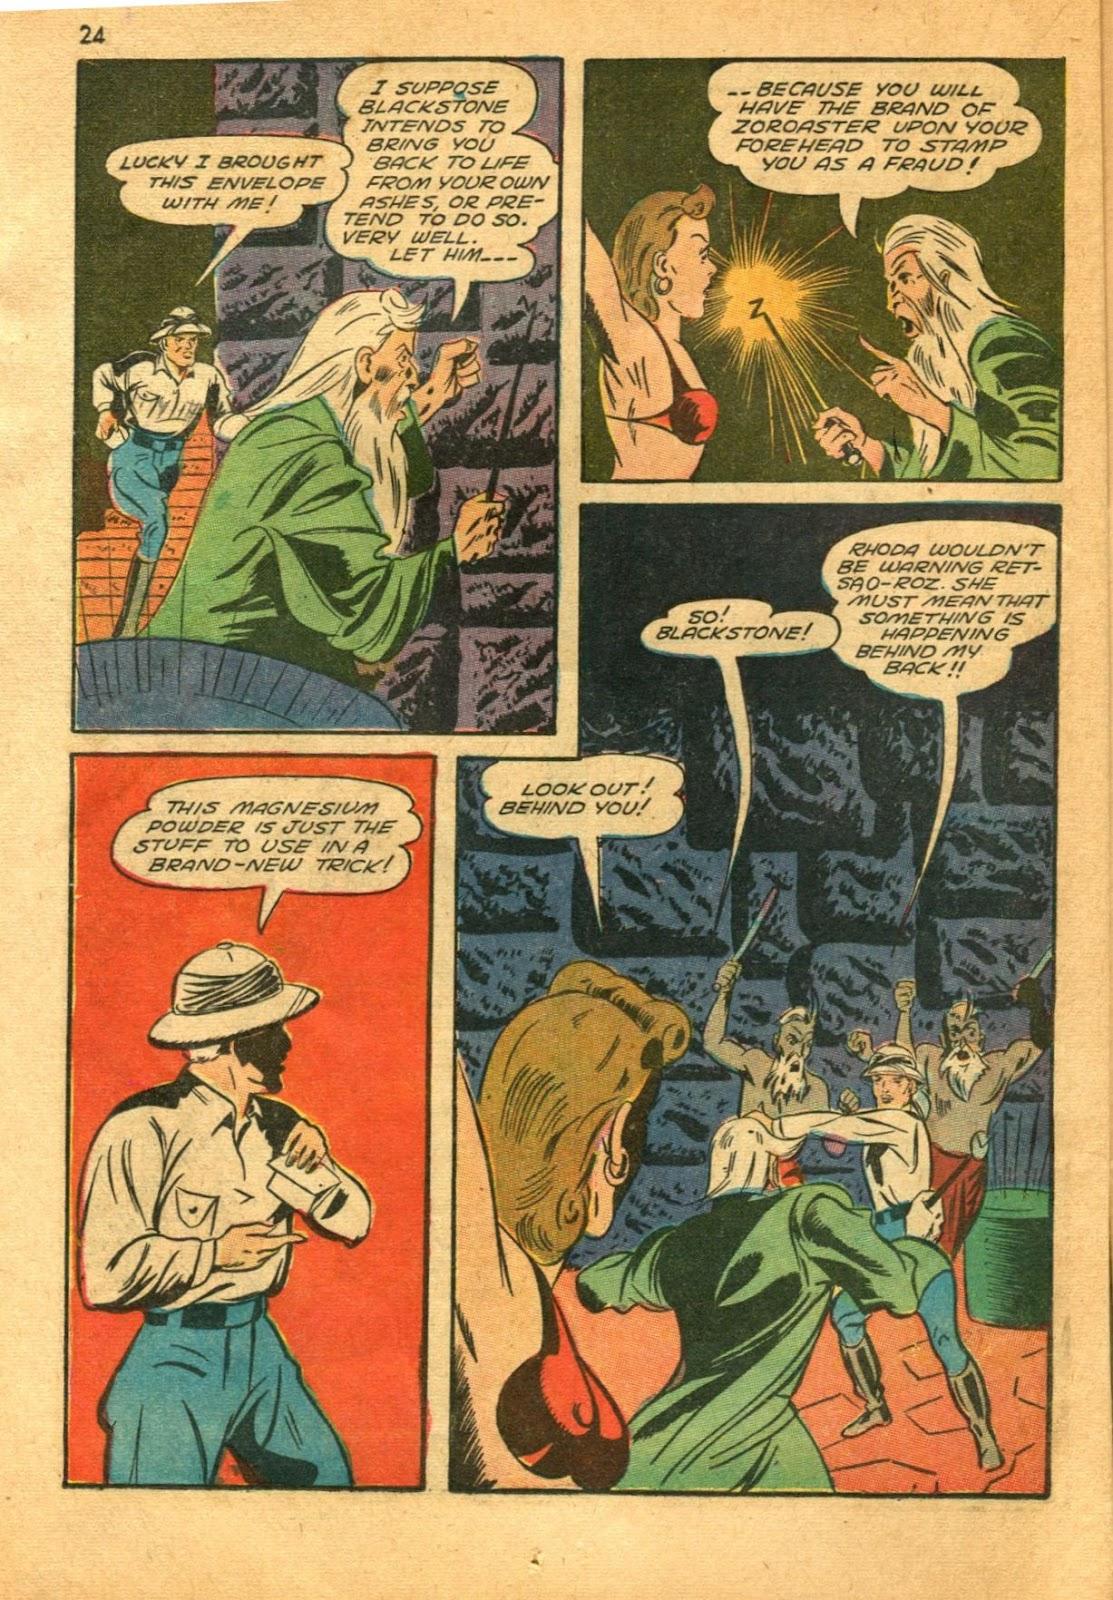 Read online Super-Magician Comics comic -  Issue #11 - 24